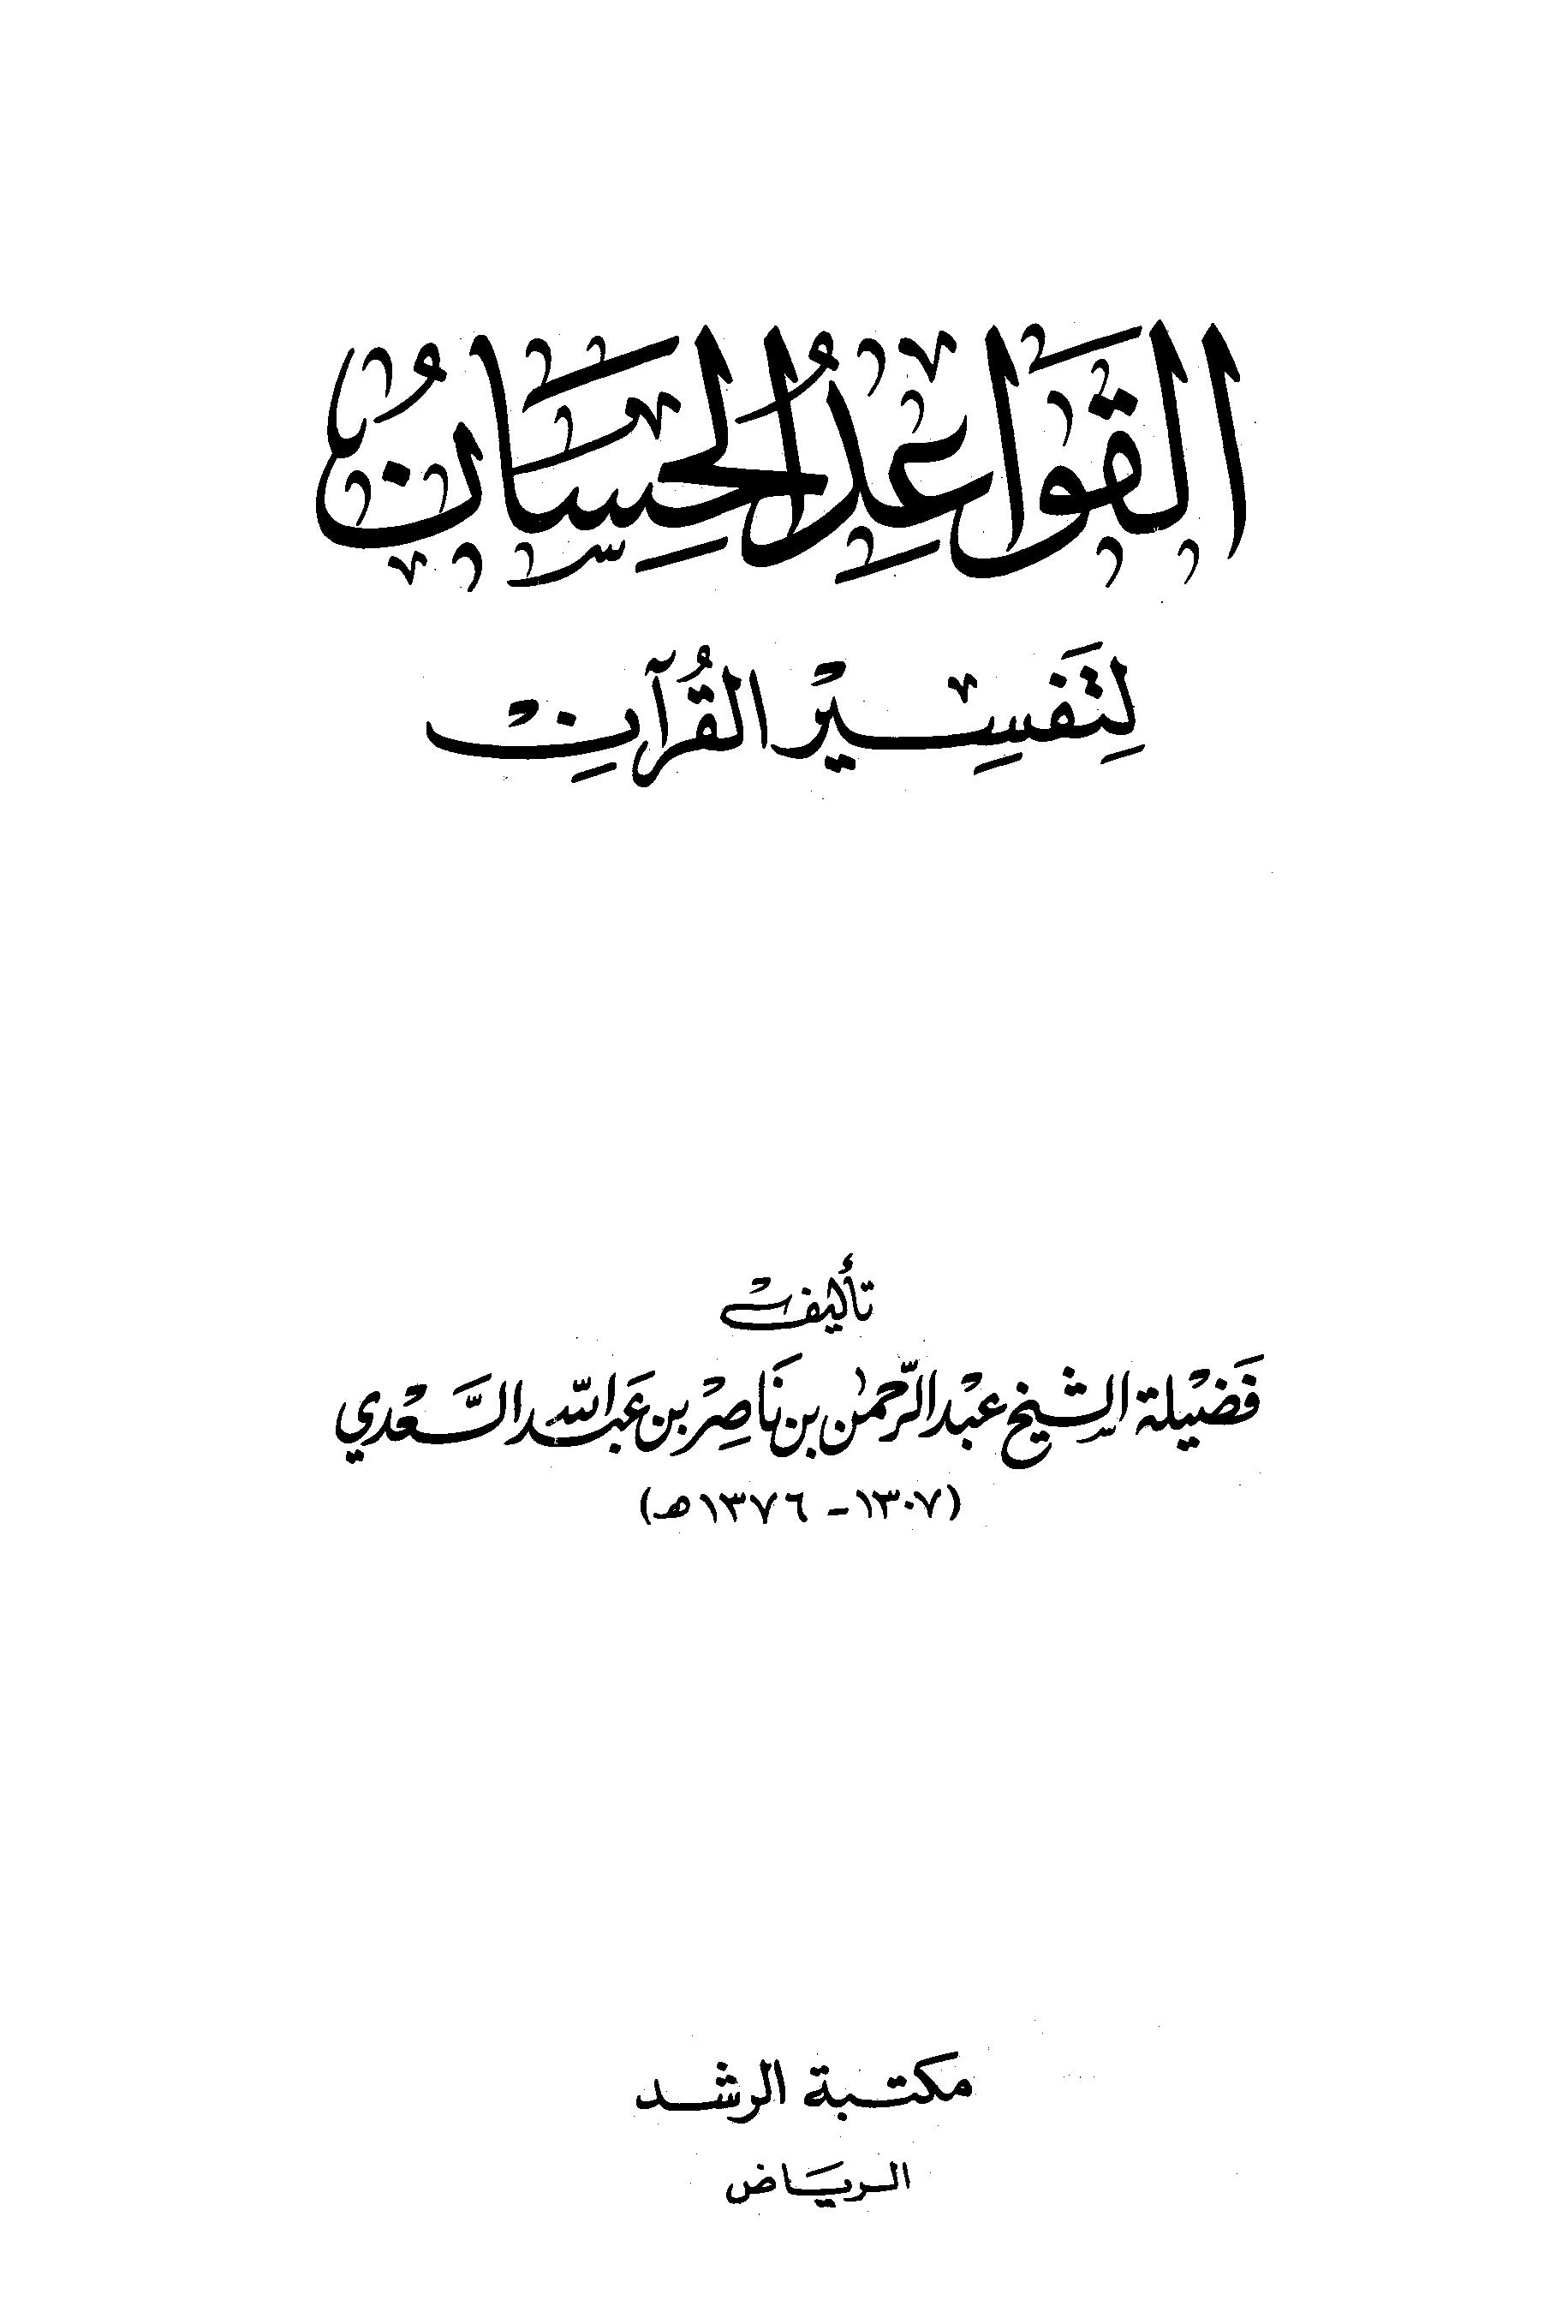 تحميل كتاب القواعد الحسان لتفسير القرآن لـِ: العلامة عبد الرحمن بن ناصر السعدي